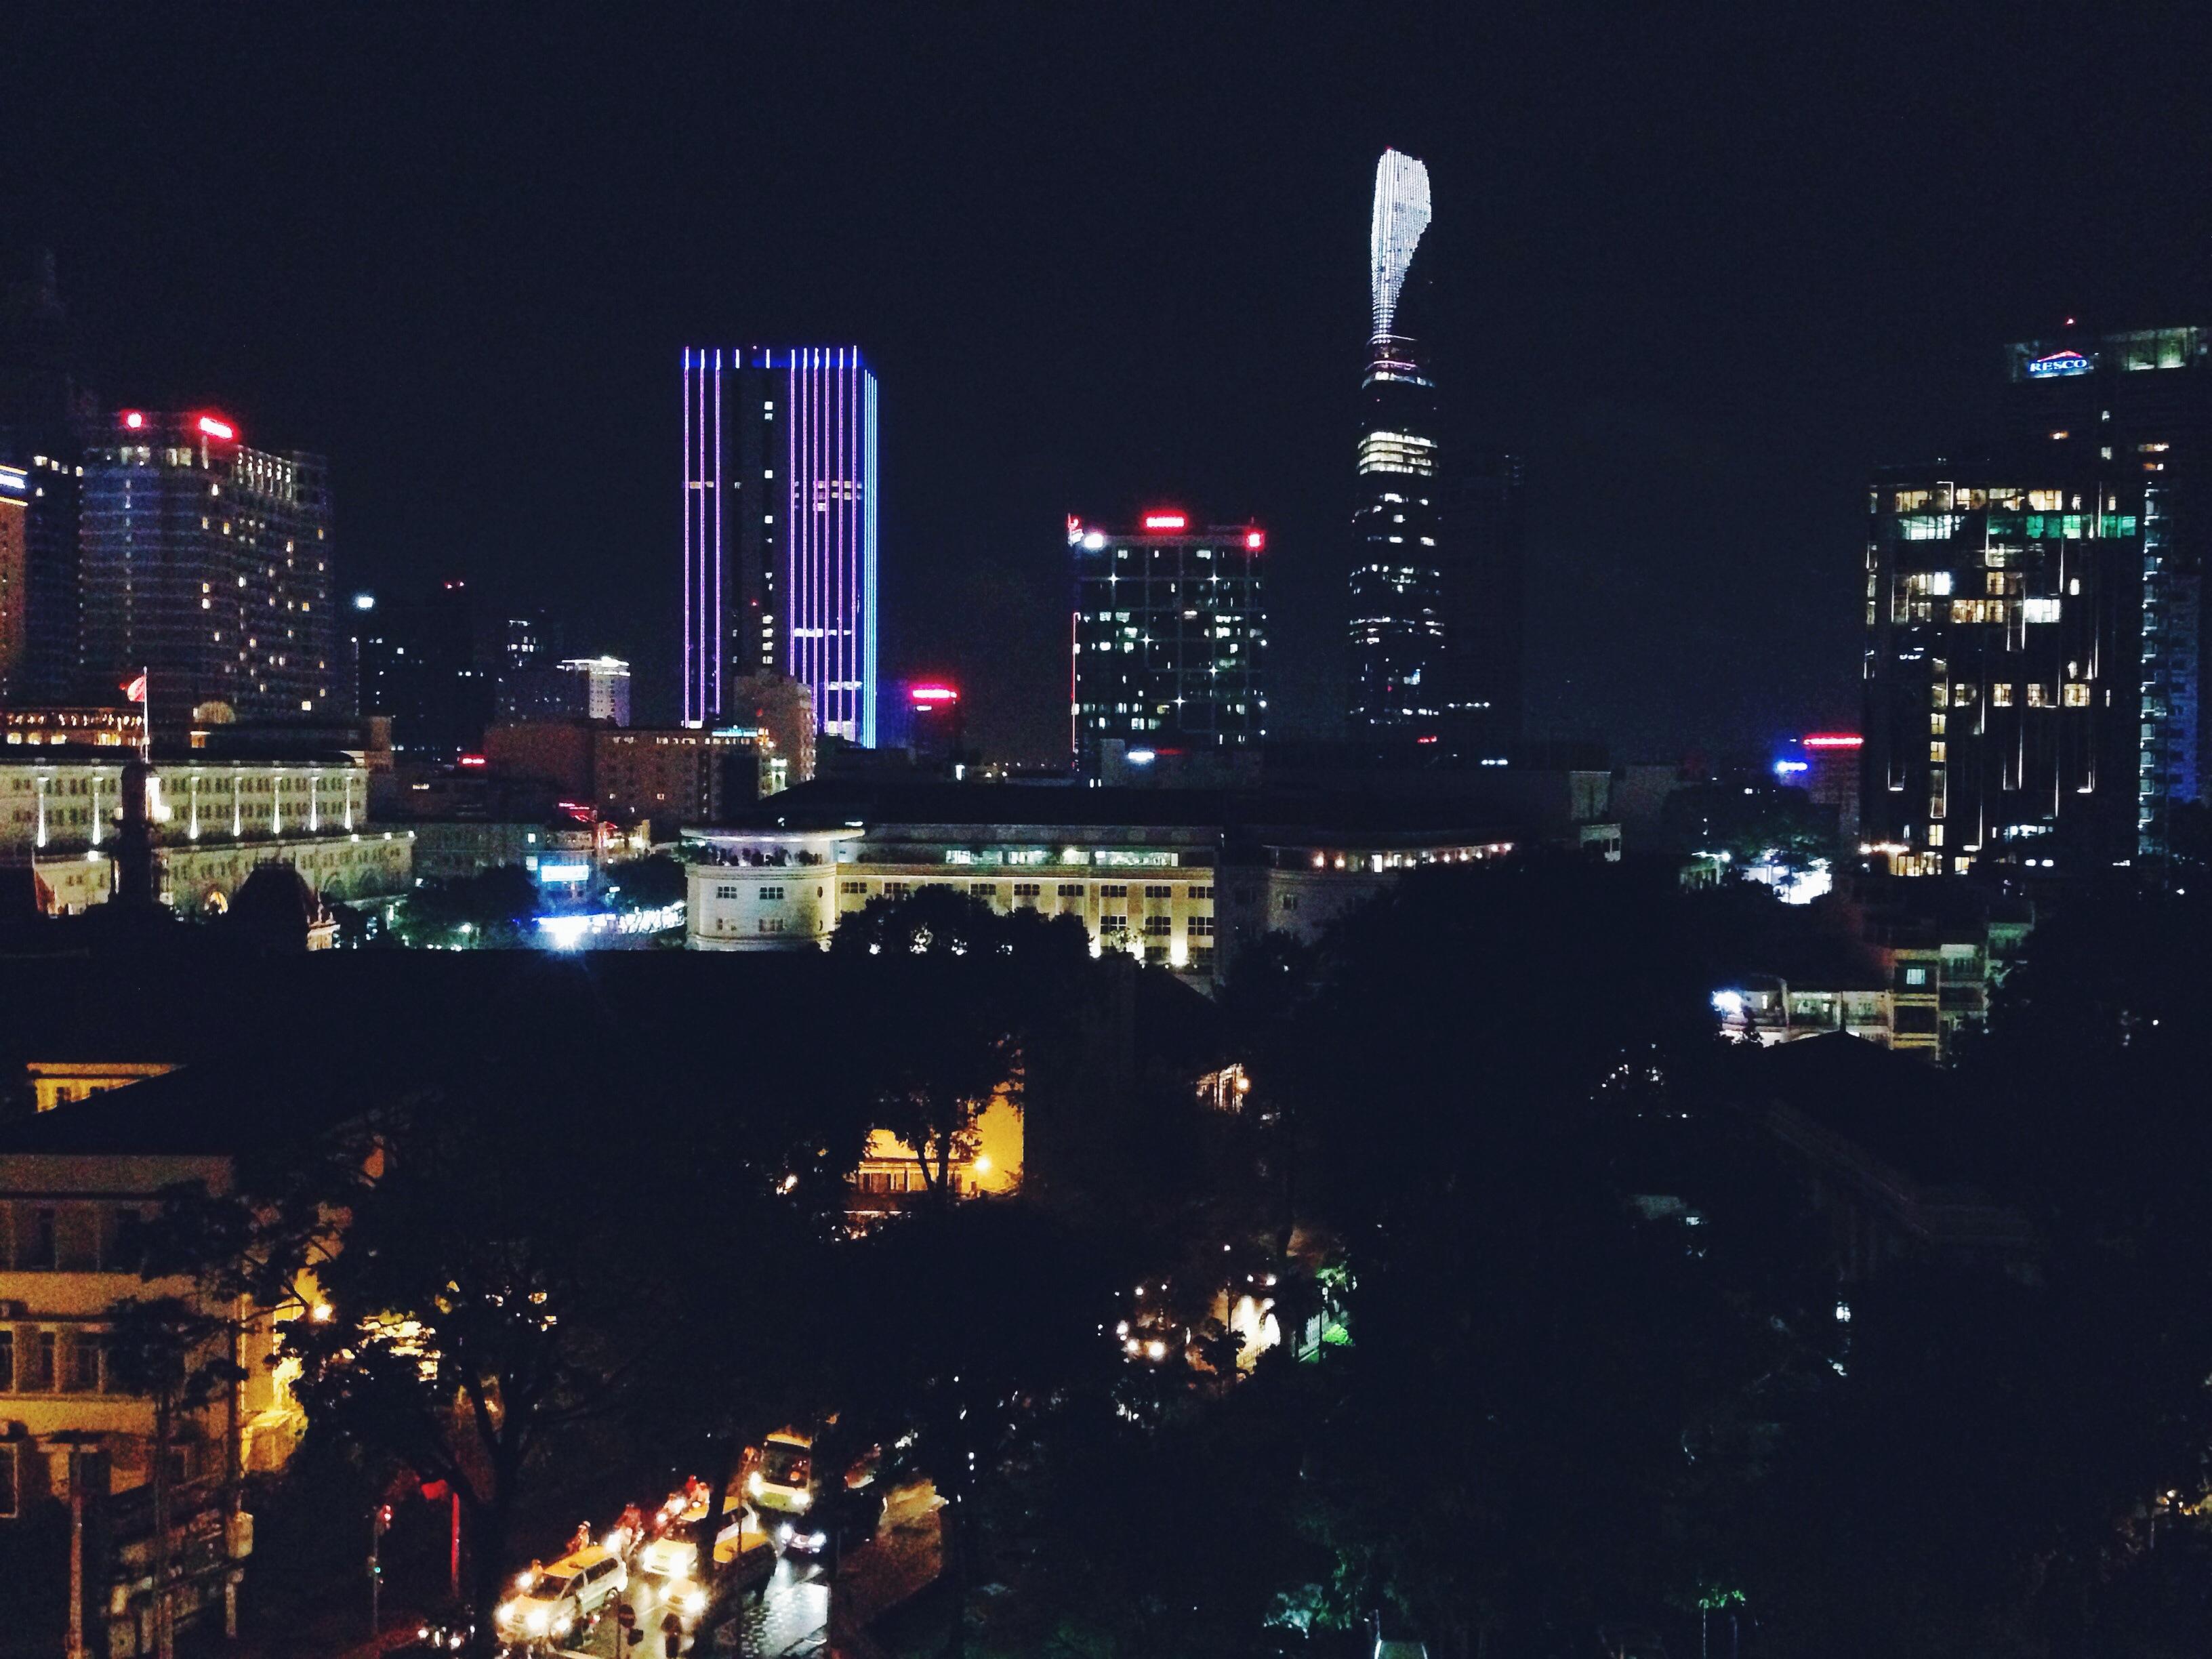 Ho Chi Minh City che tutti chiamano ancora Saigon